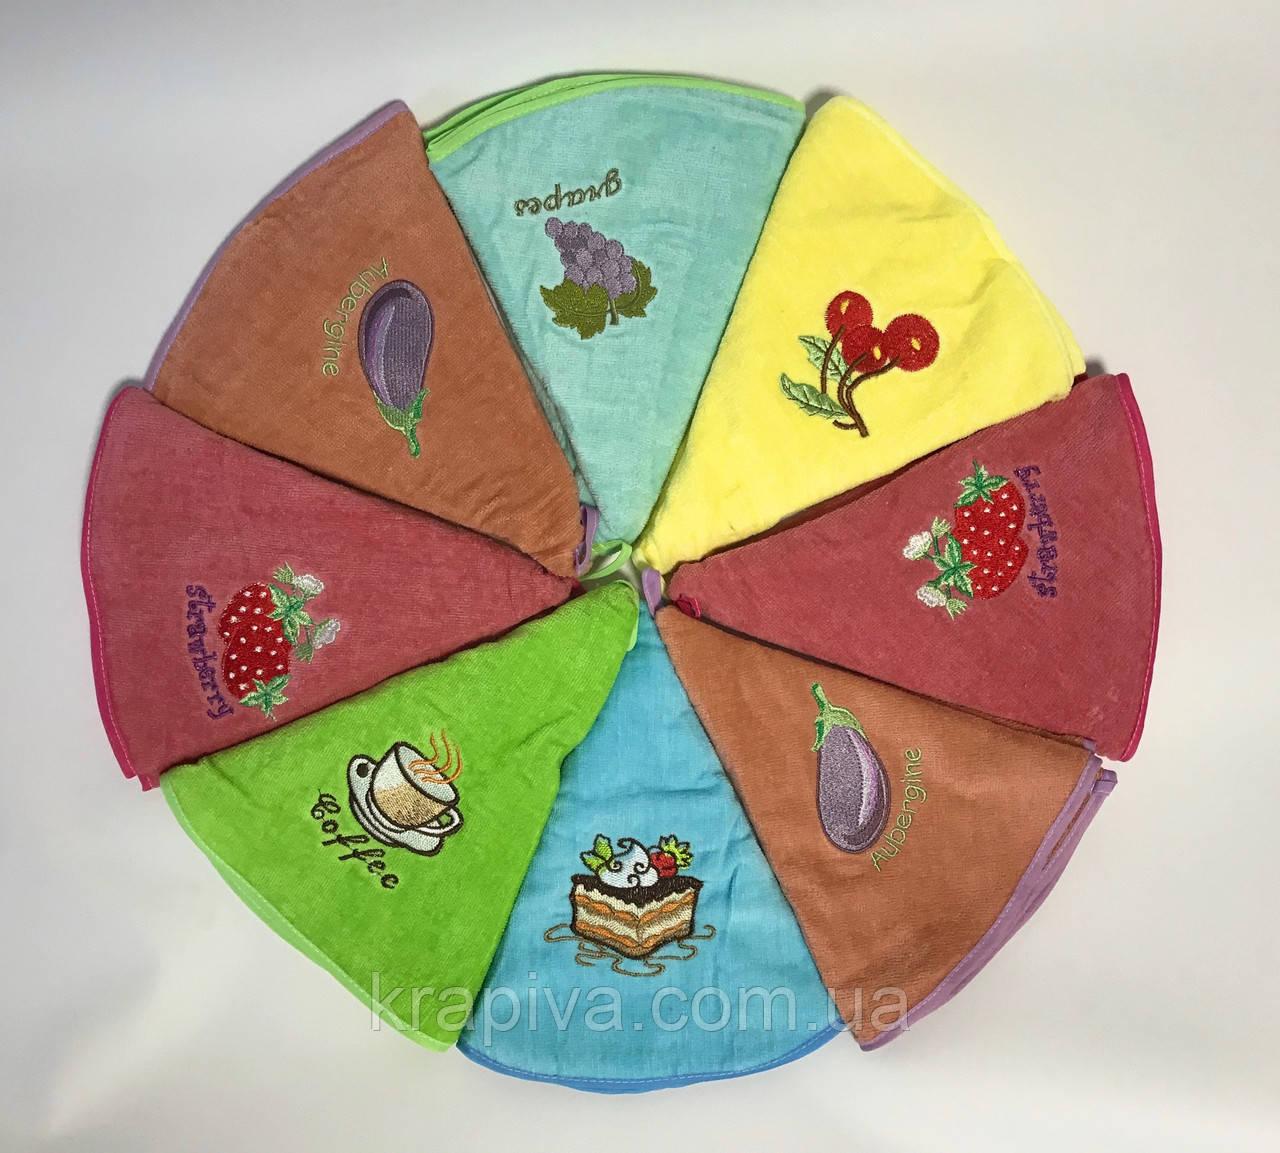 Полотенце рушник 55 см, круглое с петелькой, рушник для кухні, кухонное